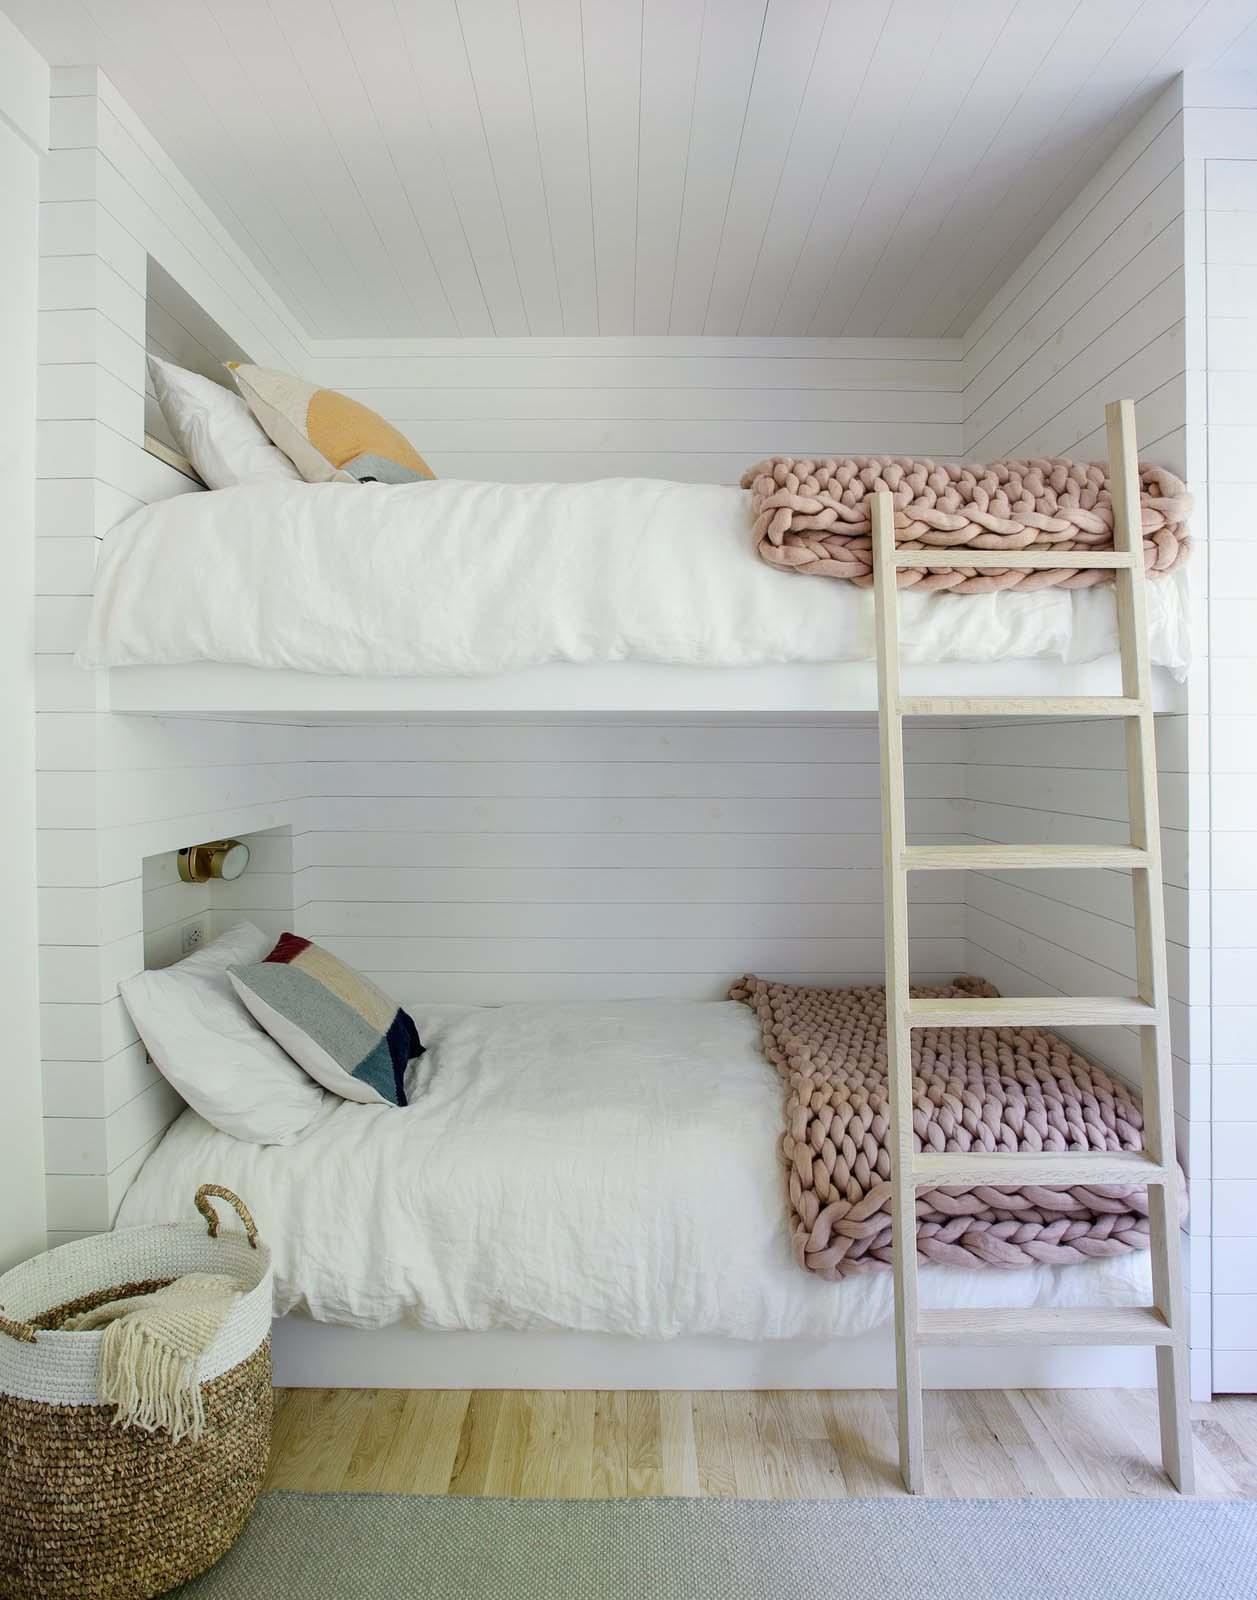 Retraite à la plage de style scandinave-Jessica Helgerson Interior Design-14-1 Kindesign